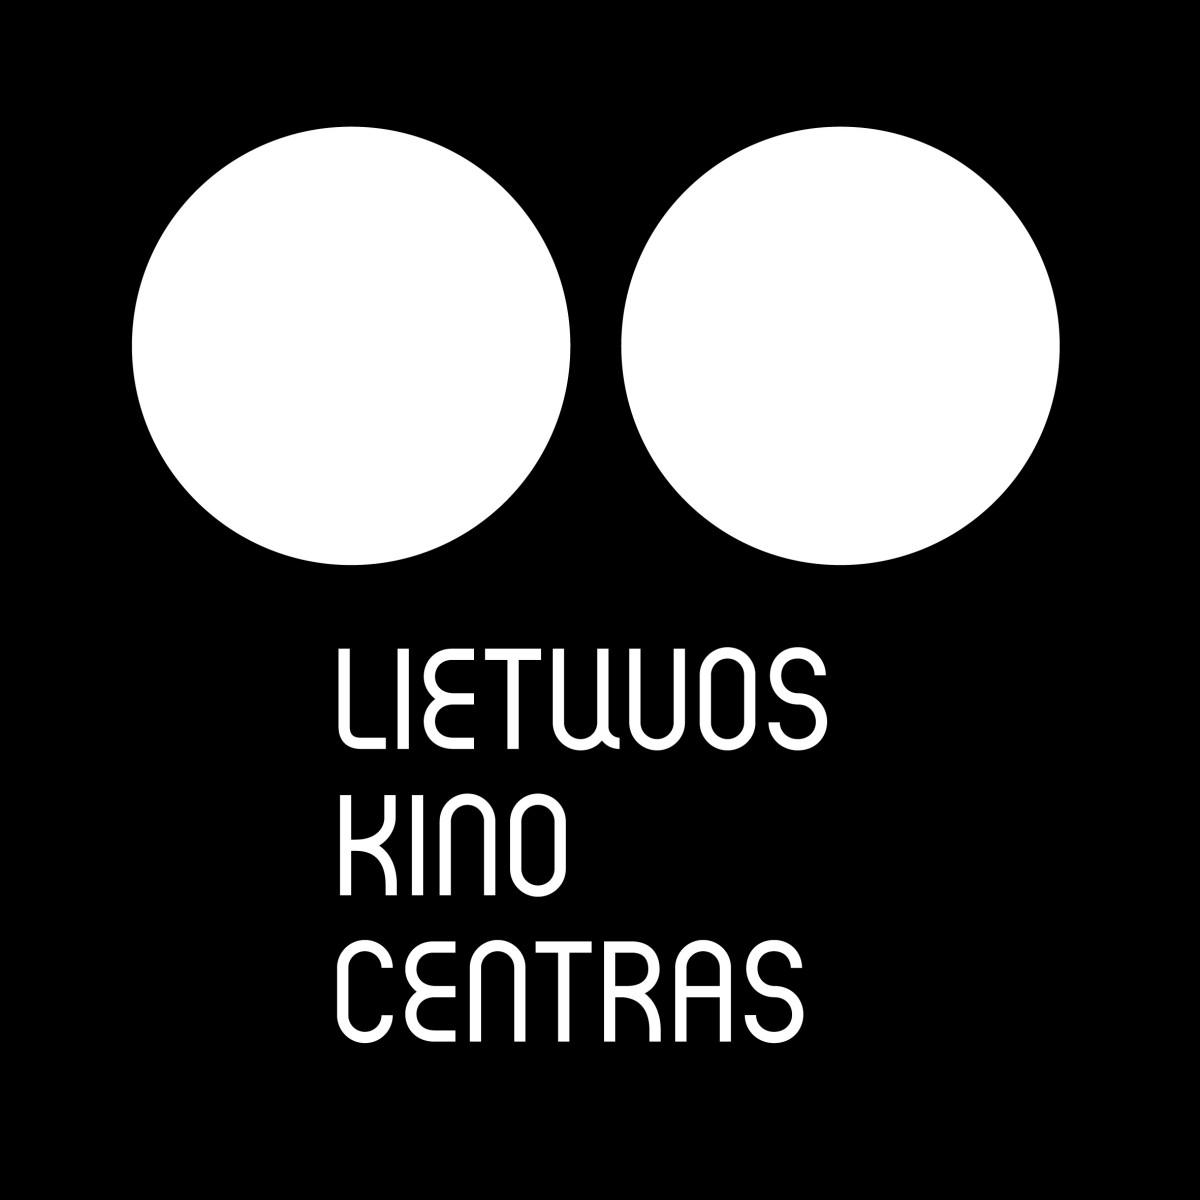 lietuvos_kino_centras